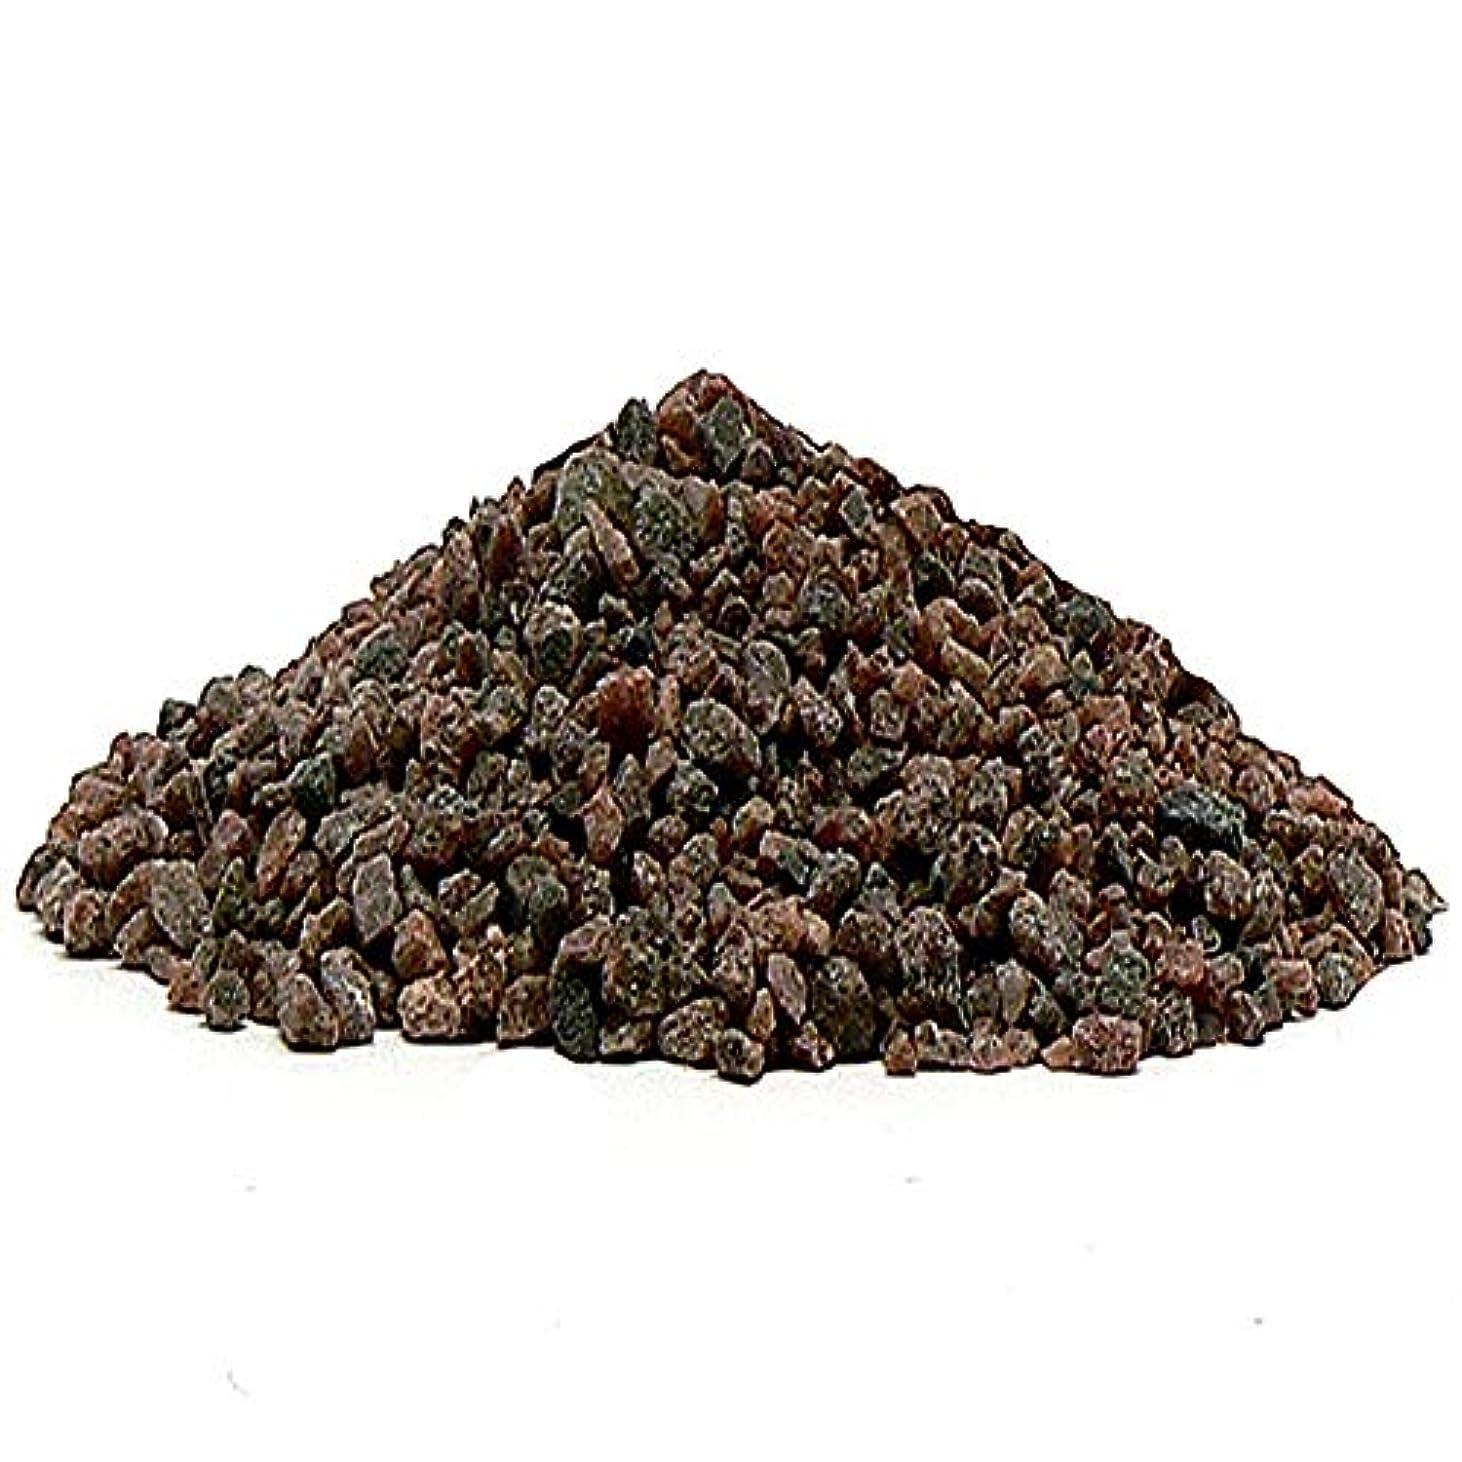 会社温かい津波増量中! ヒマラヤ岩塩 ブラックソルト 入浴用 バスソルト(小粒) 黒岩塩 (2kg+300g増量)